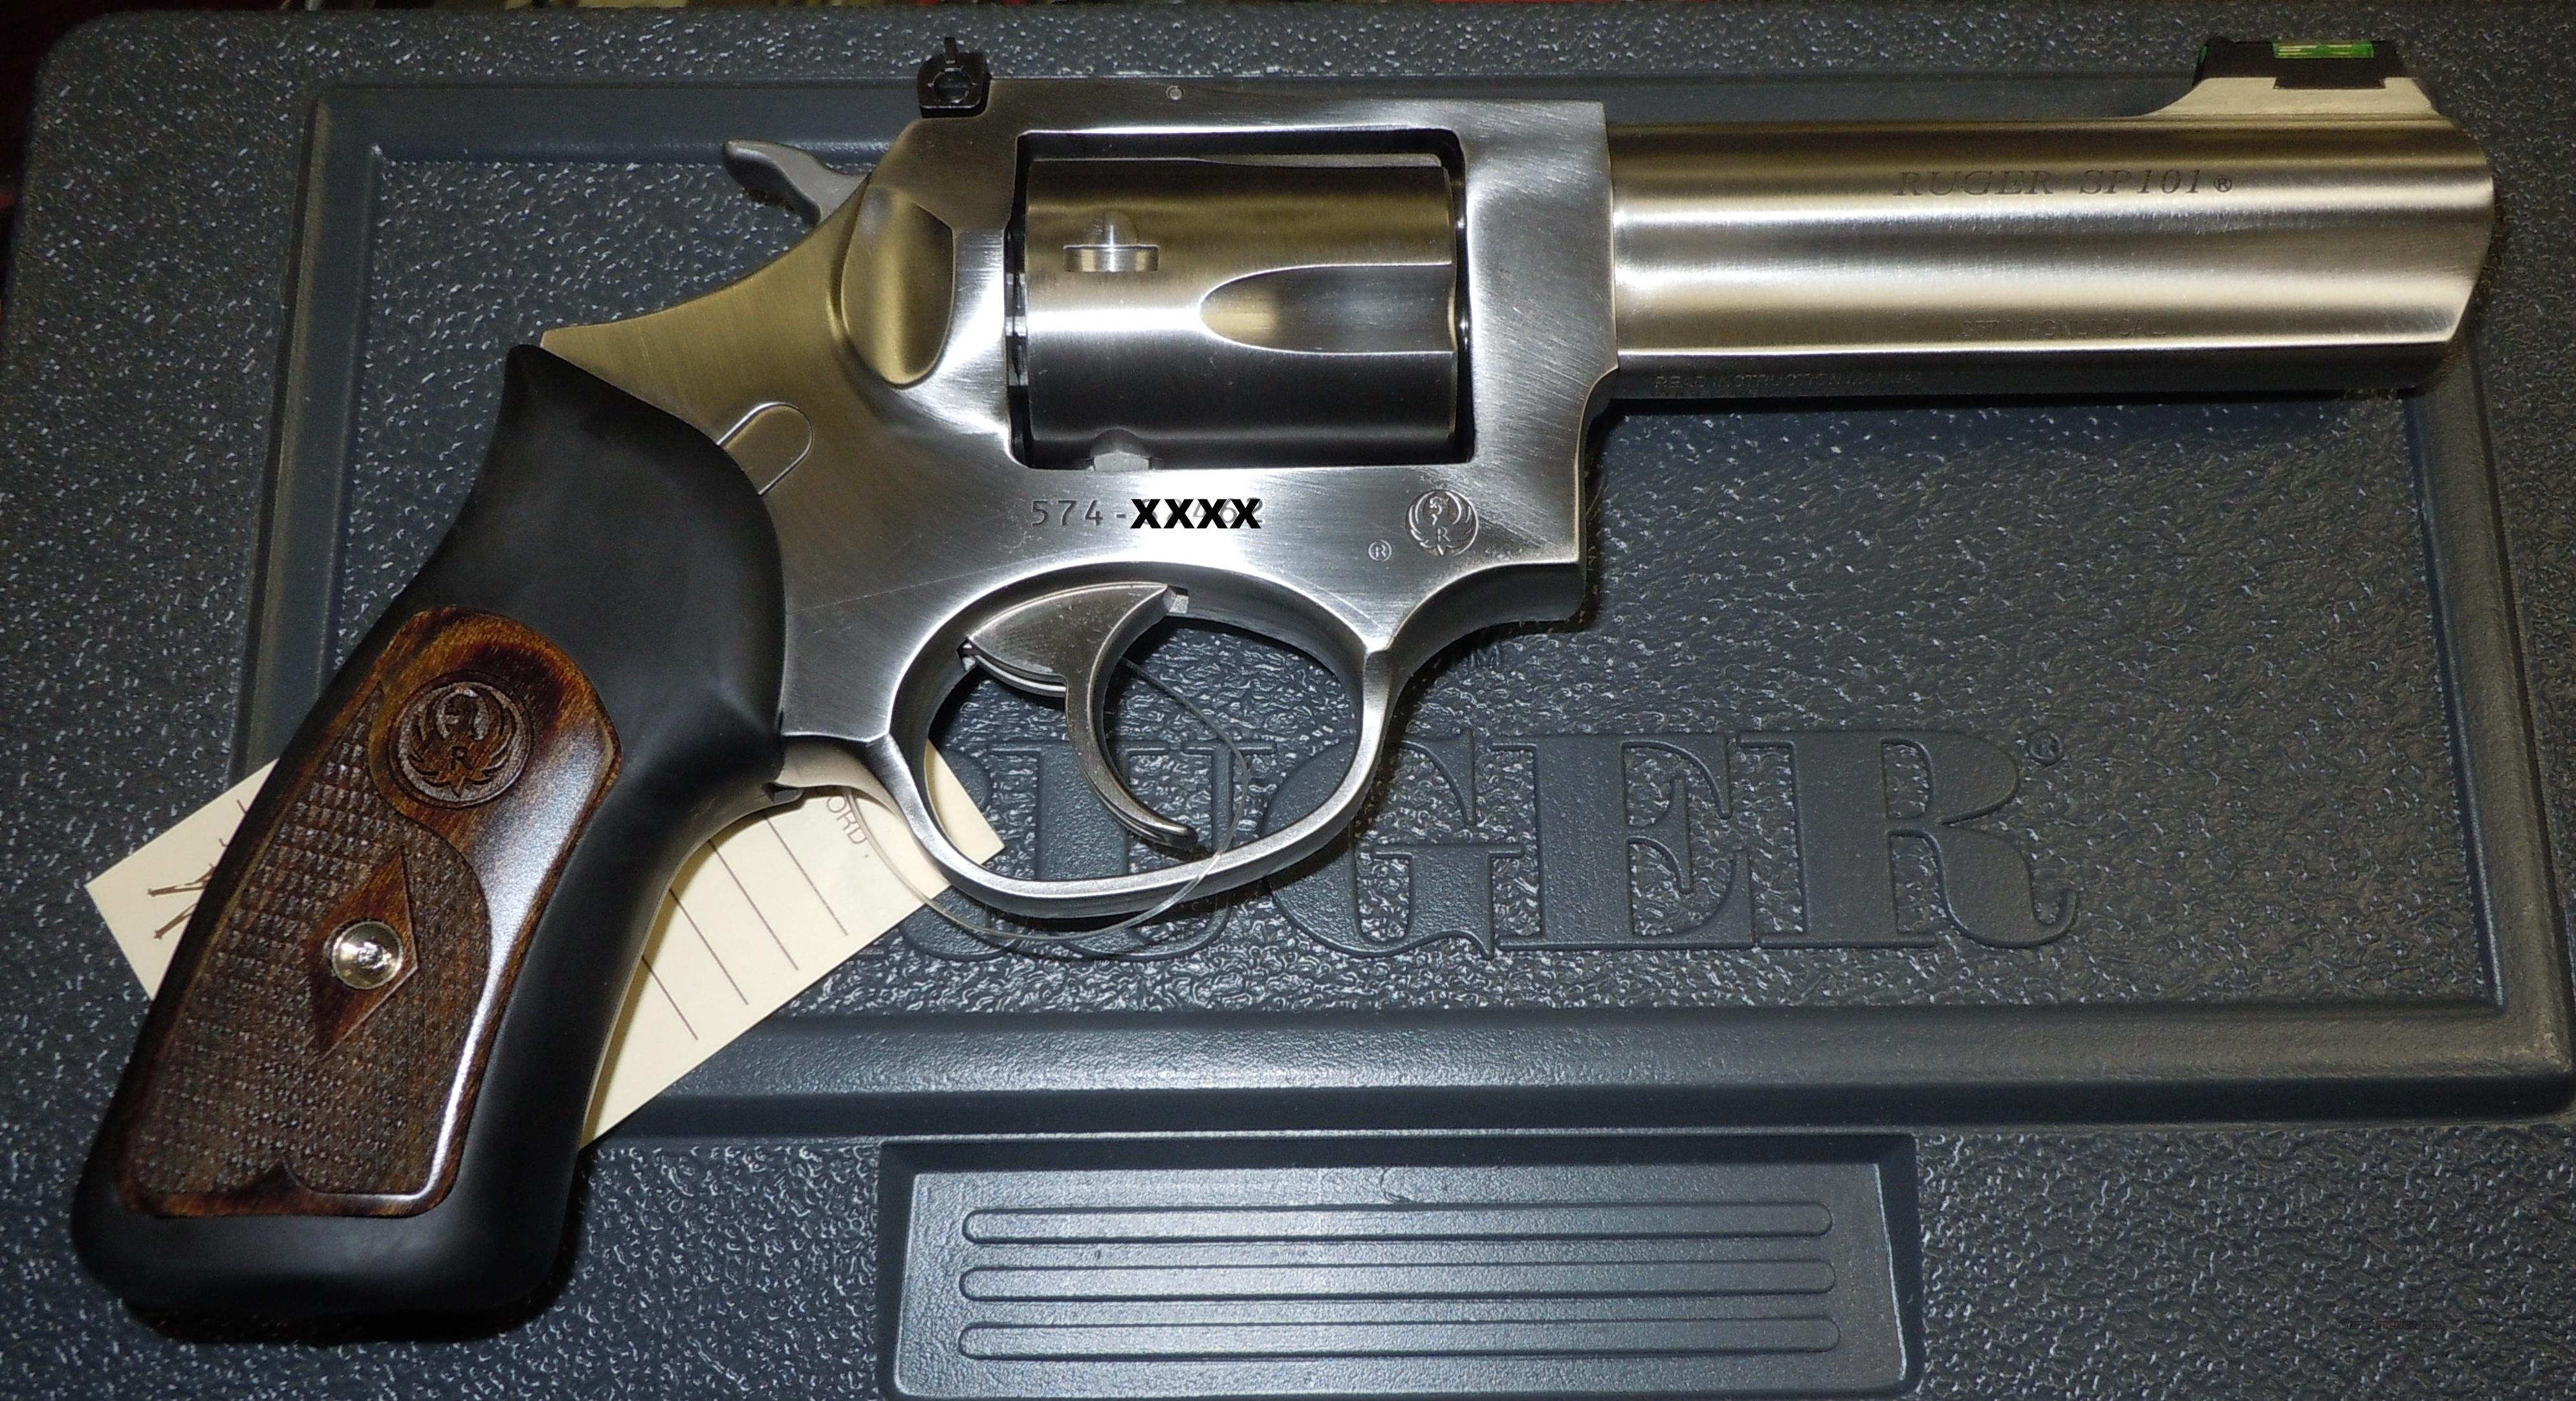 Ruger sp101 357 mag revolver w 4 quot barrel ksp 341x 05771 guns